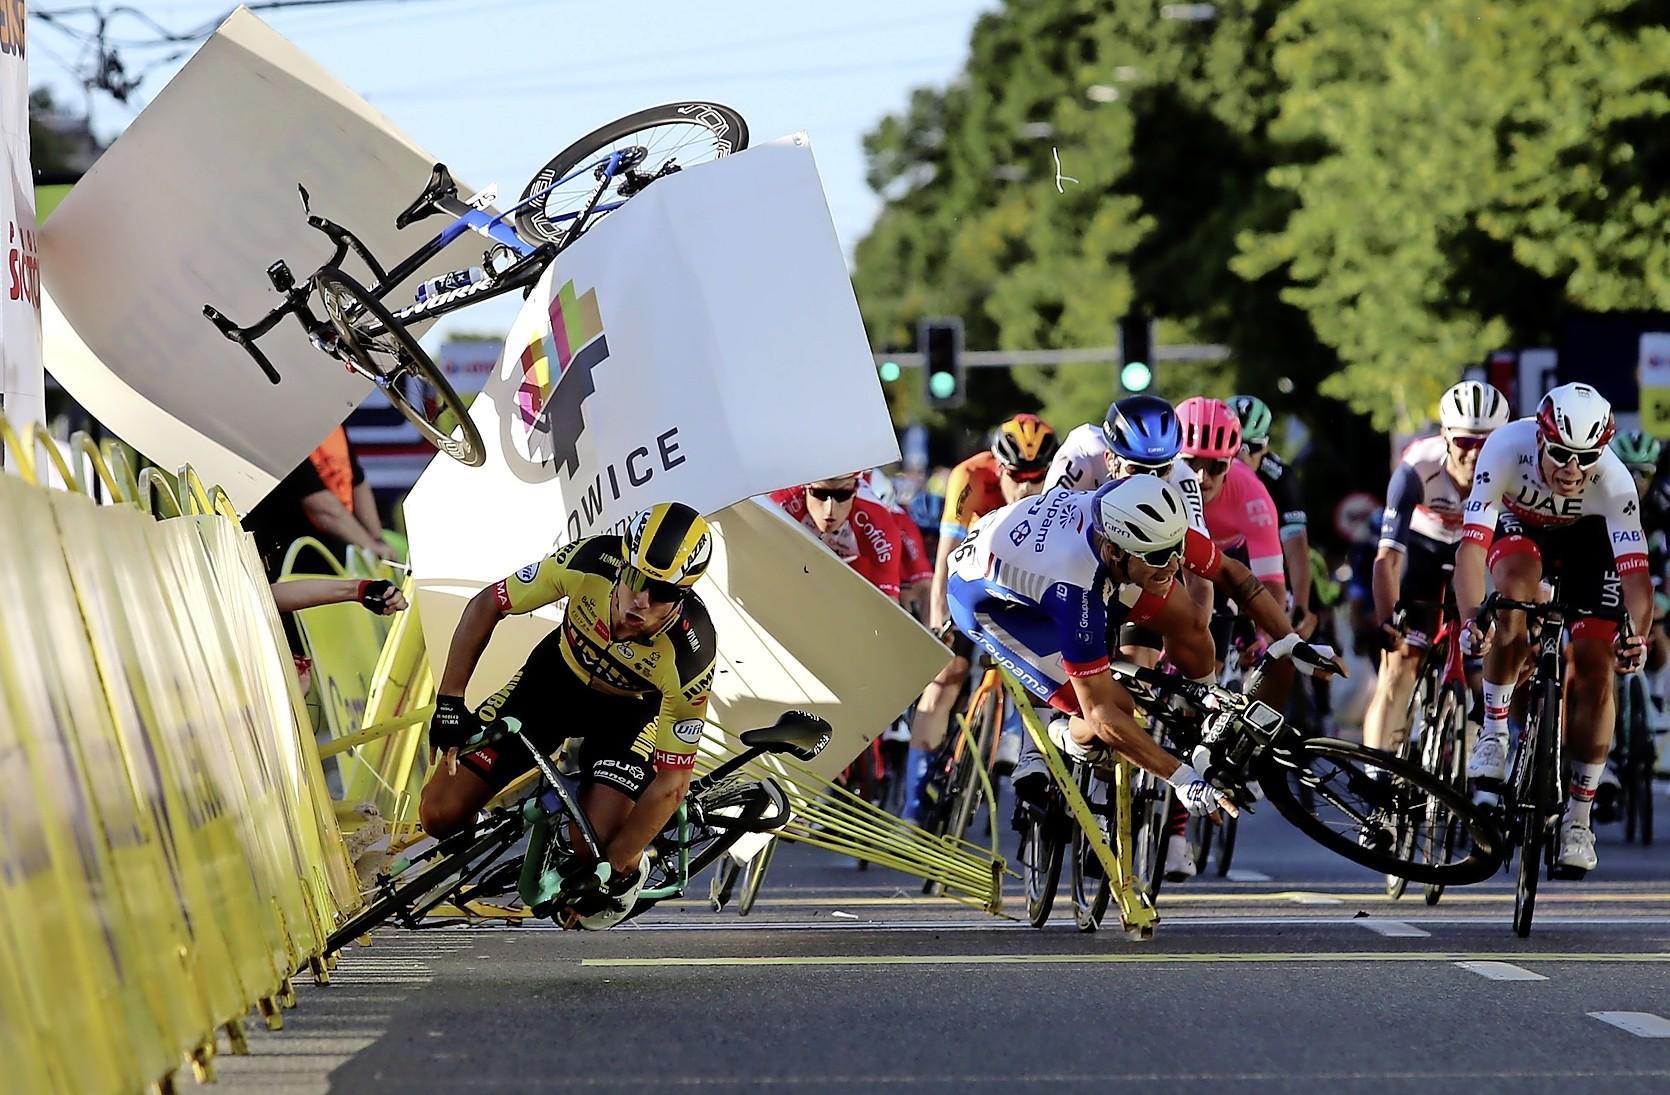 Toestand wielrenner Fabio Jakobsen ernstig. Sprinter zwaar gewond door onbesuisde actie van Dylan Groenewegen in Ronde van Polen. Ploegleider Patrick Lefevere woedend.'Dit was een moordaanslag van Groenewegen. 'Ik sleur hem voor de rechtbank'